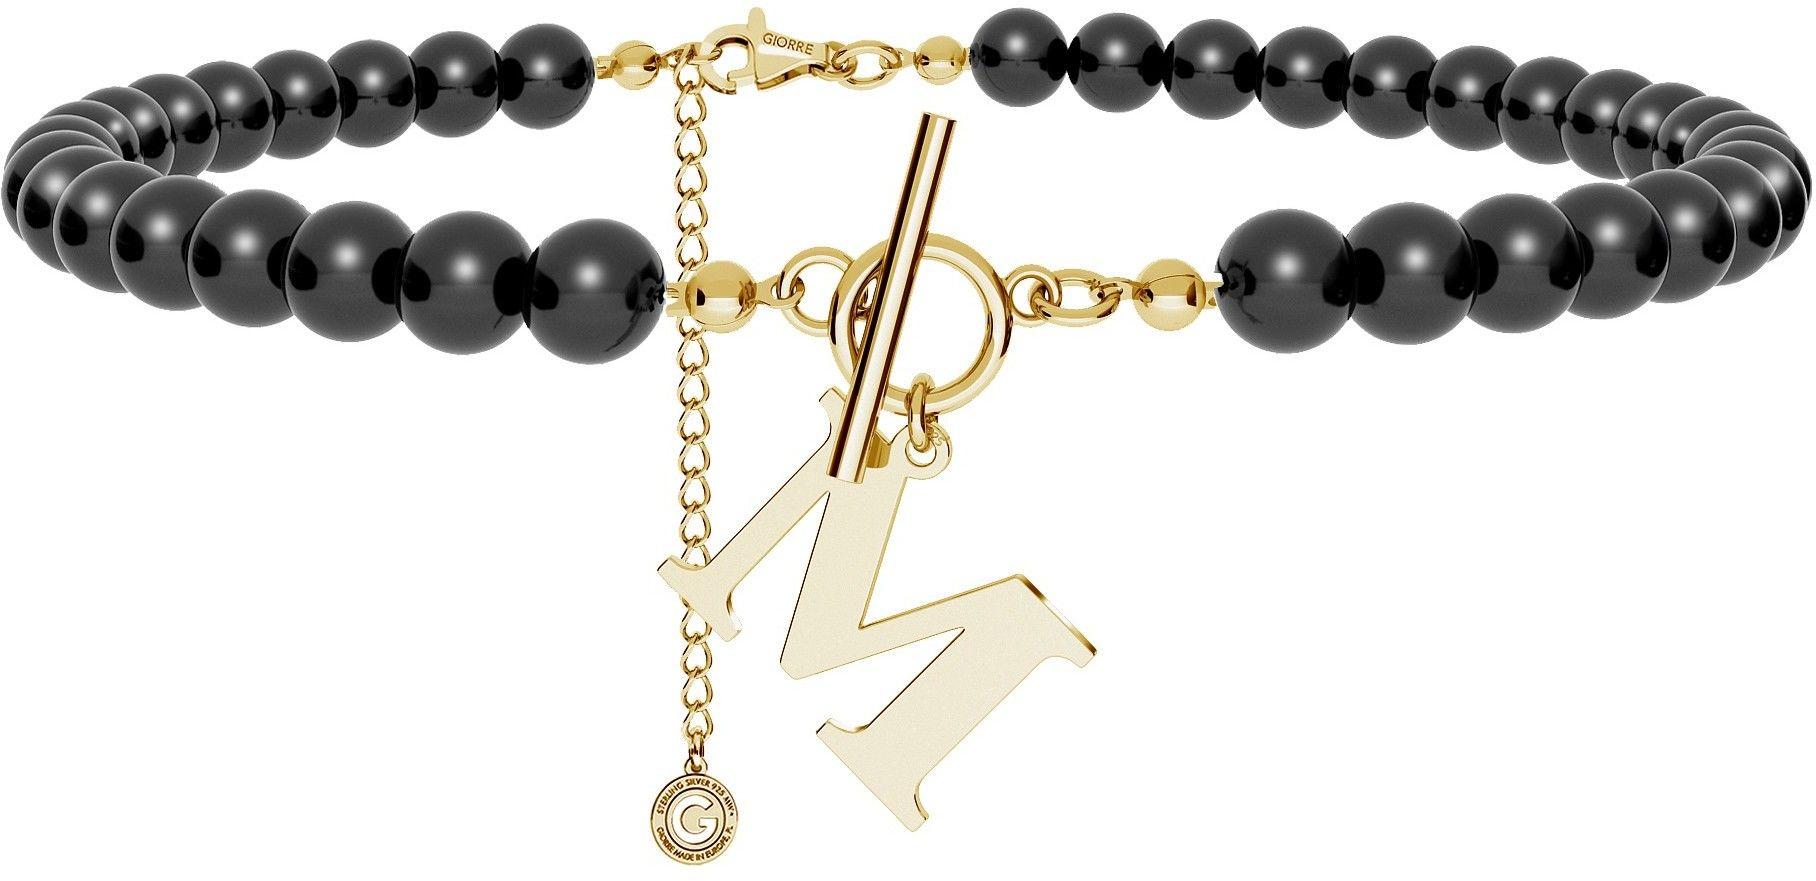 Czarny perłowy choker z dowolną literą, Swarovski, srebro 925 : Litera - Z, Srebro - kolor pokrycia - Pokrycie platyną